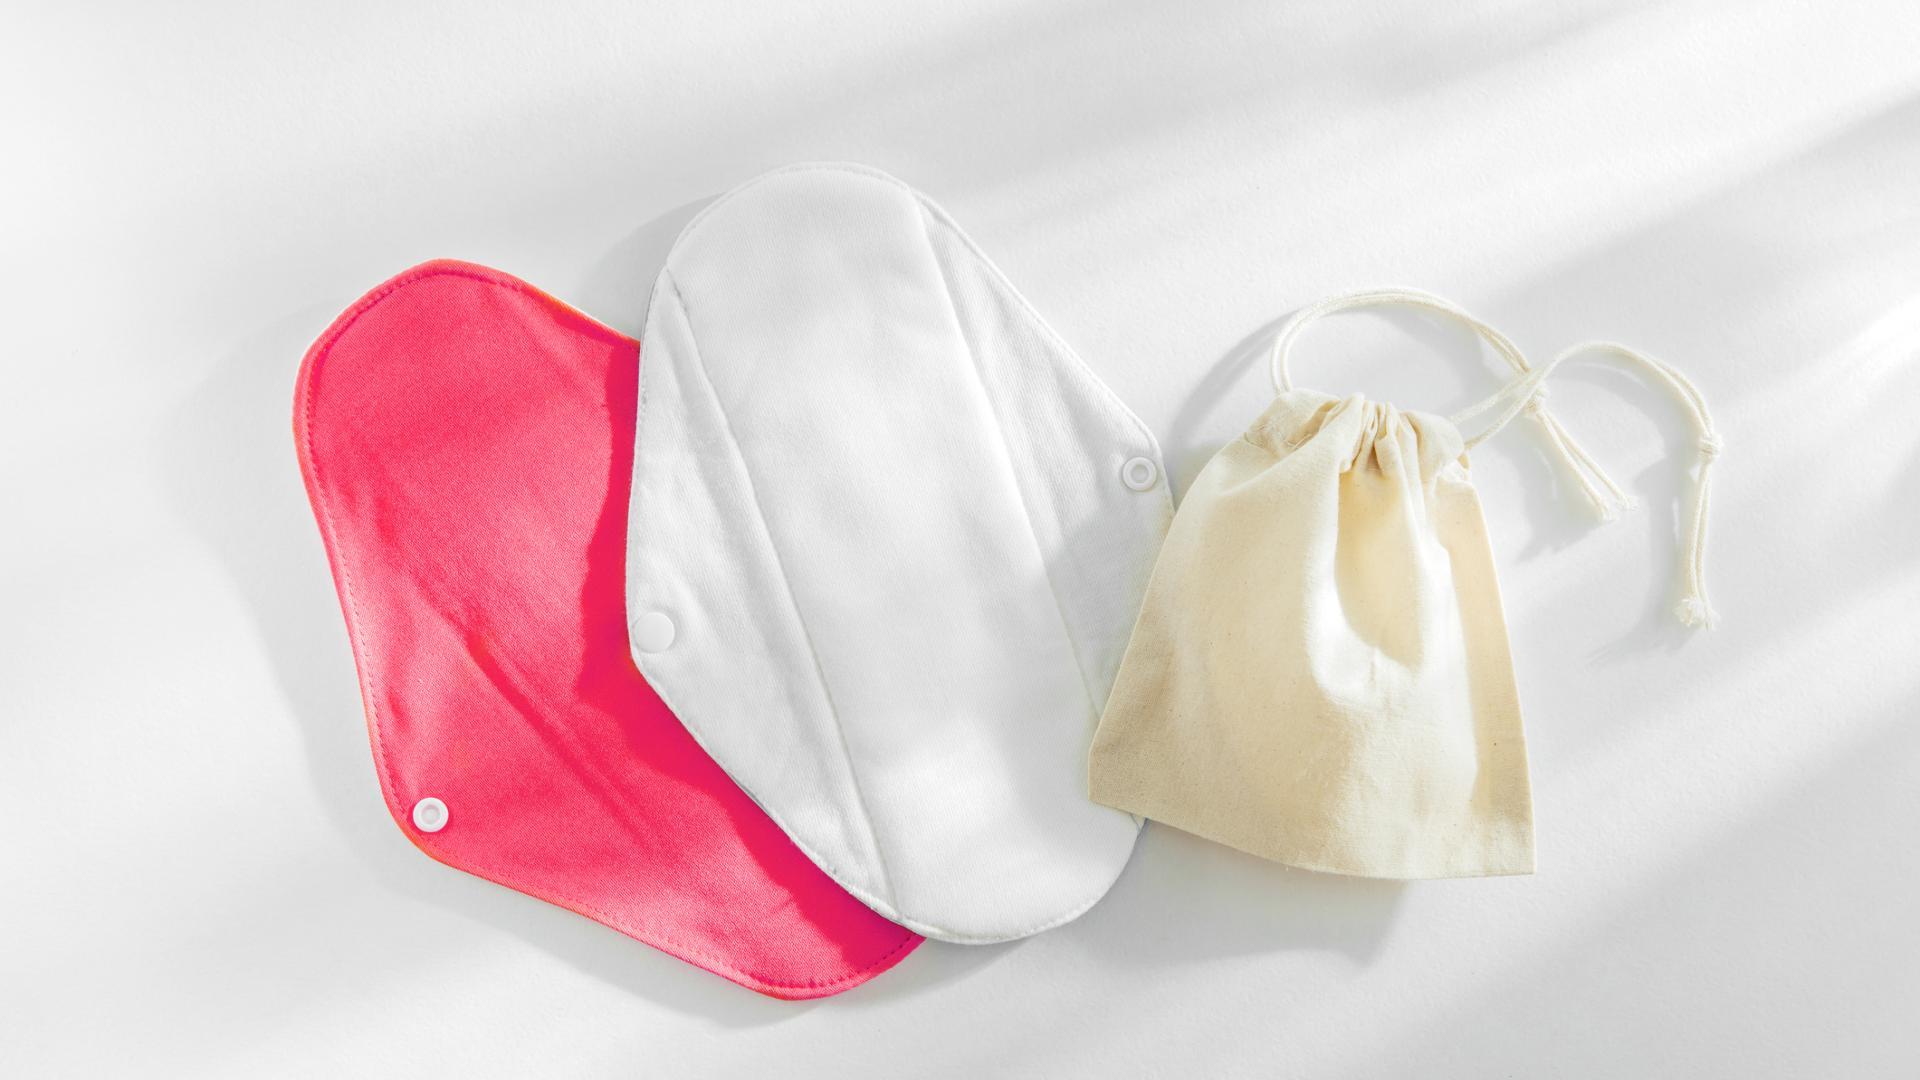 stoff binde zero waste periode menstruation tampon alternative